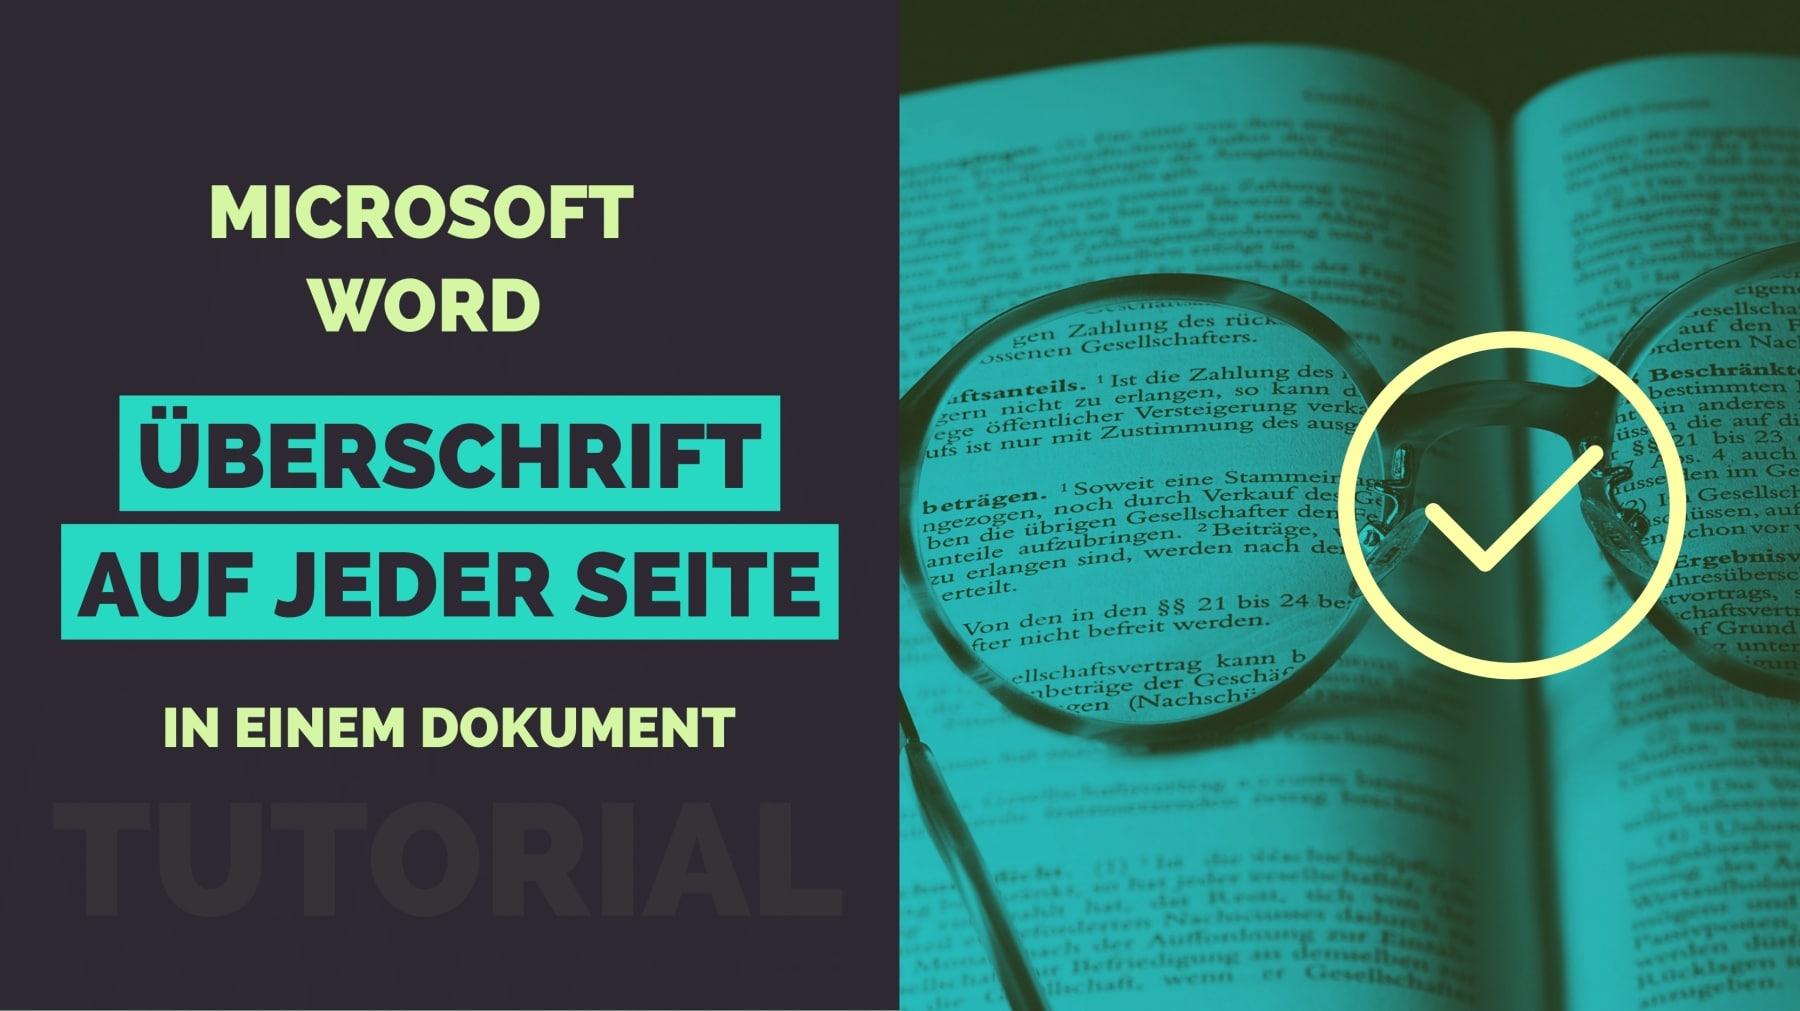 Microsoft Word Aktuelle Ueberschrift auf jeder Seite Titelbild